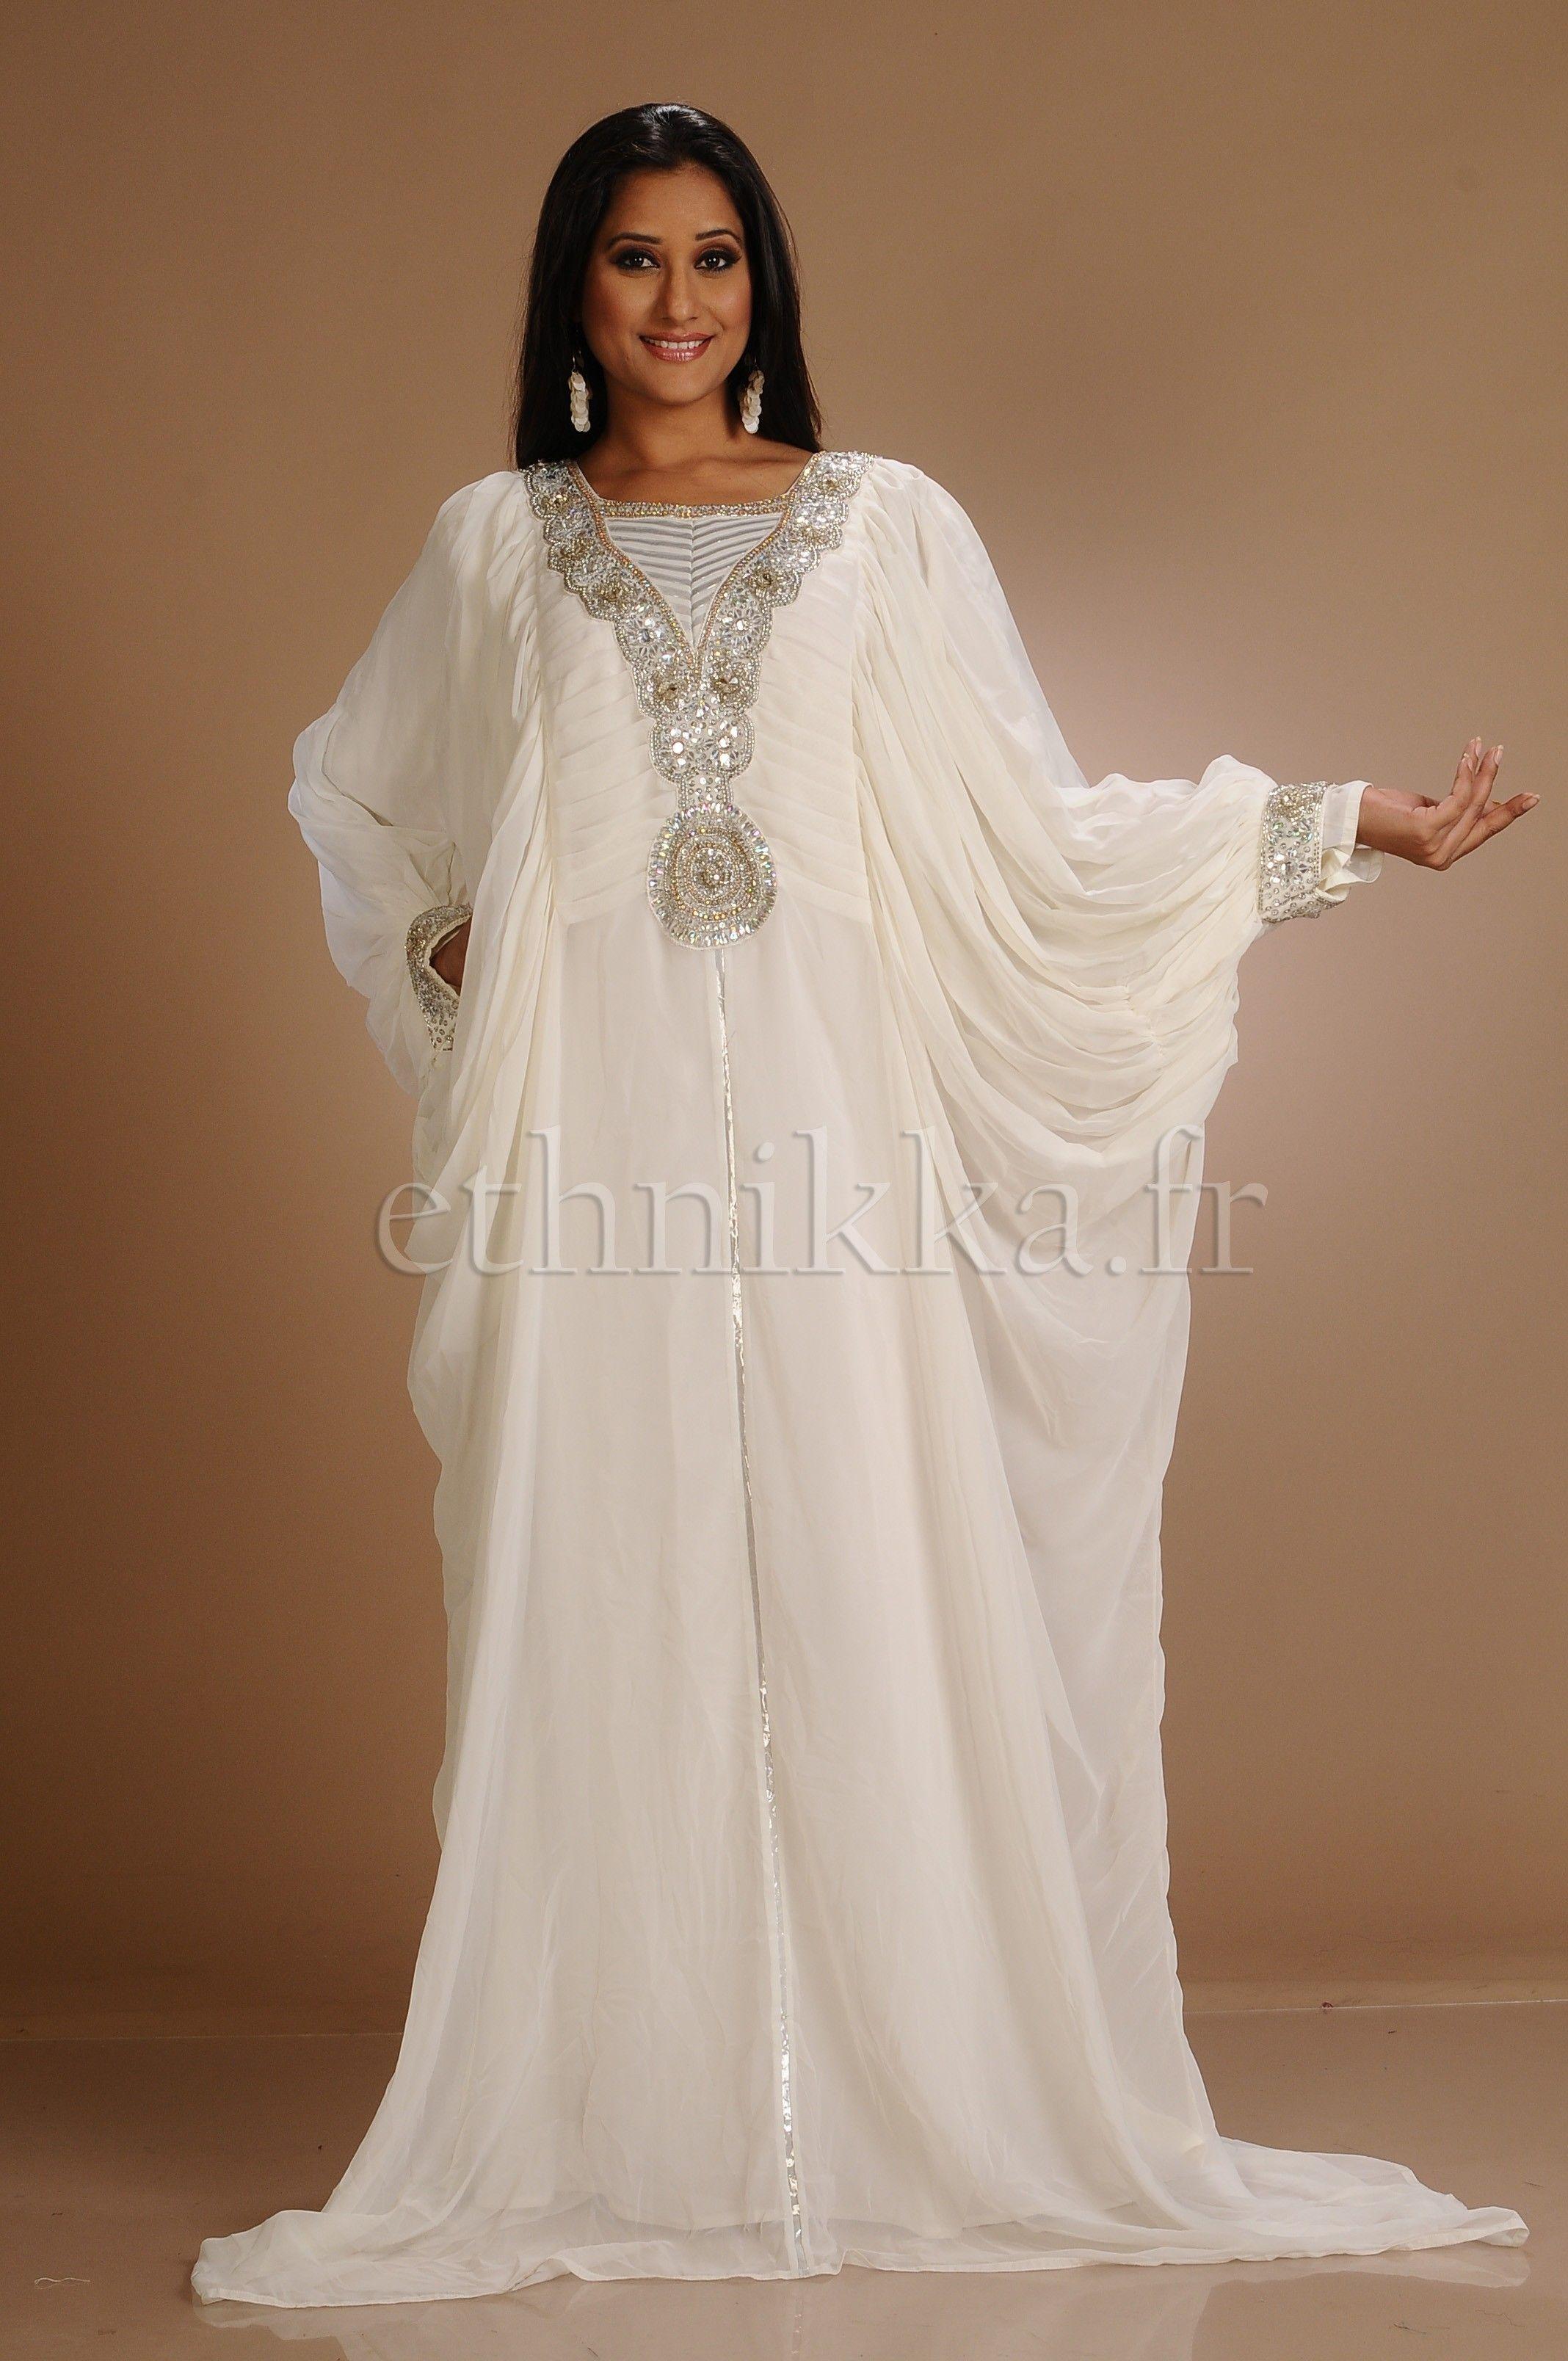 Robe de mariee blanche orientale